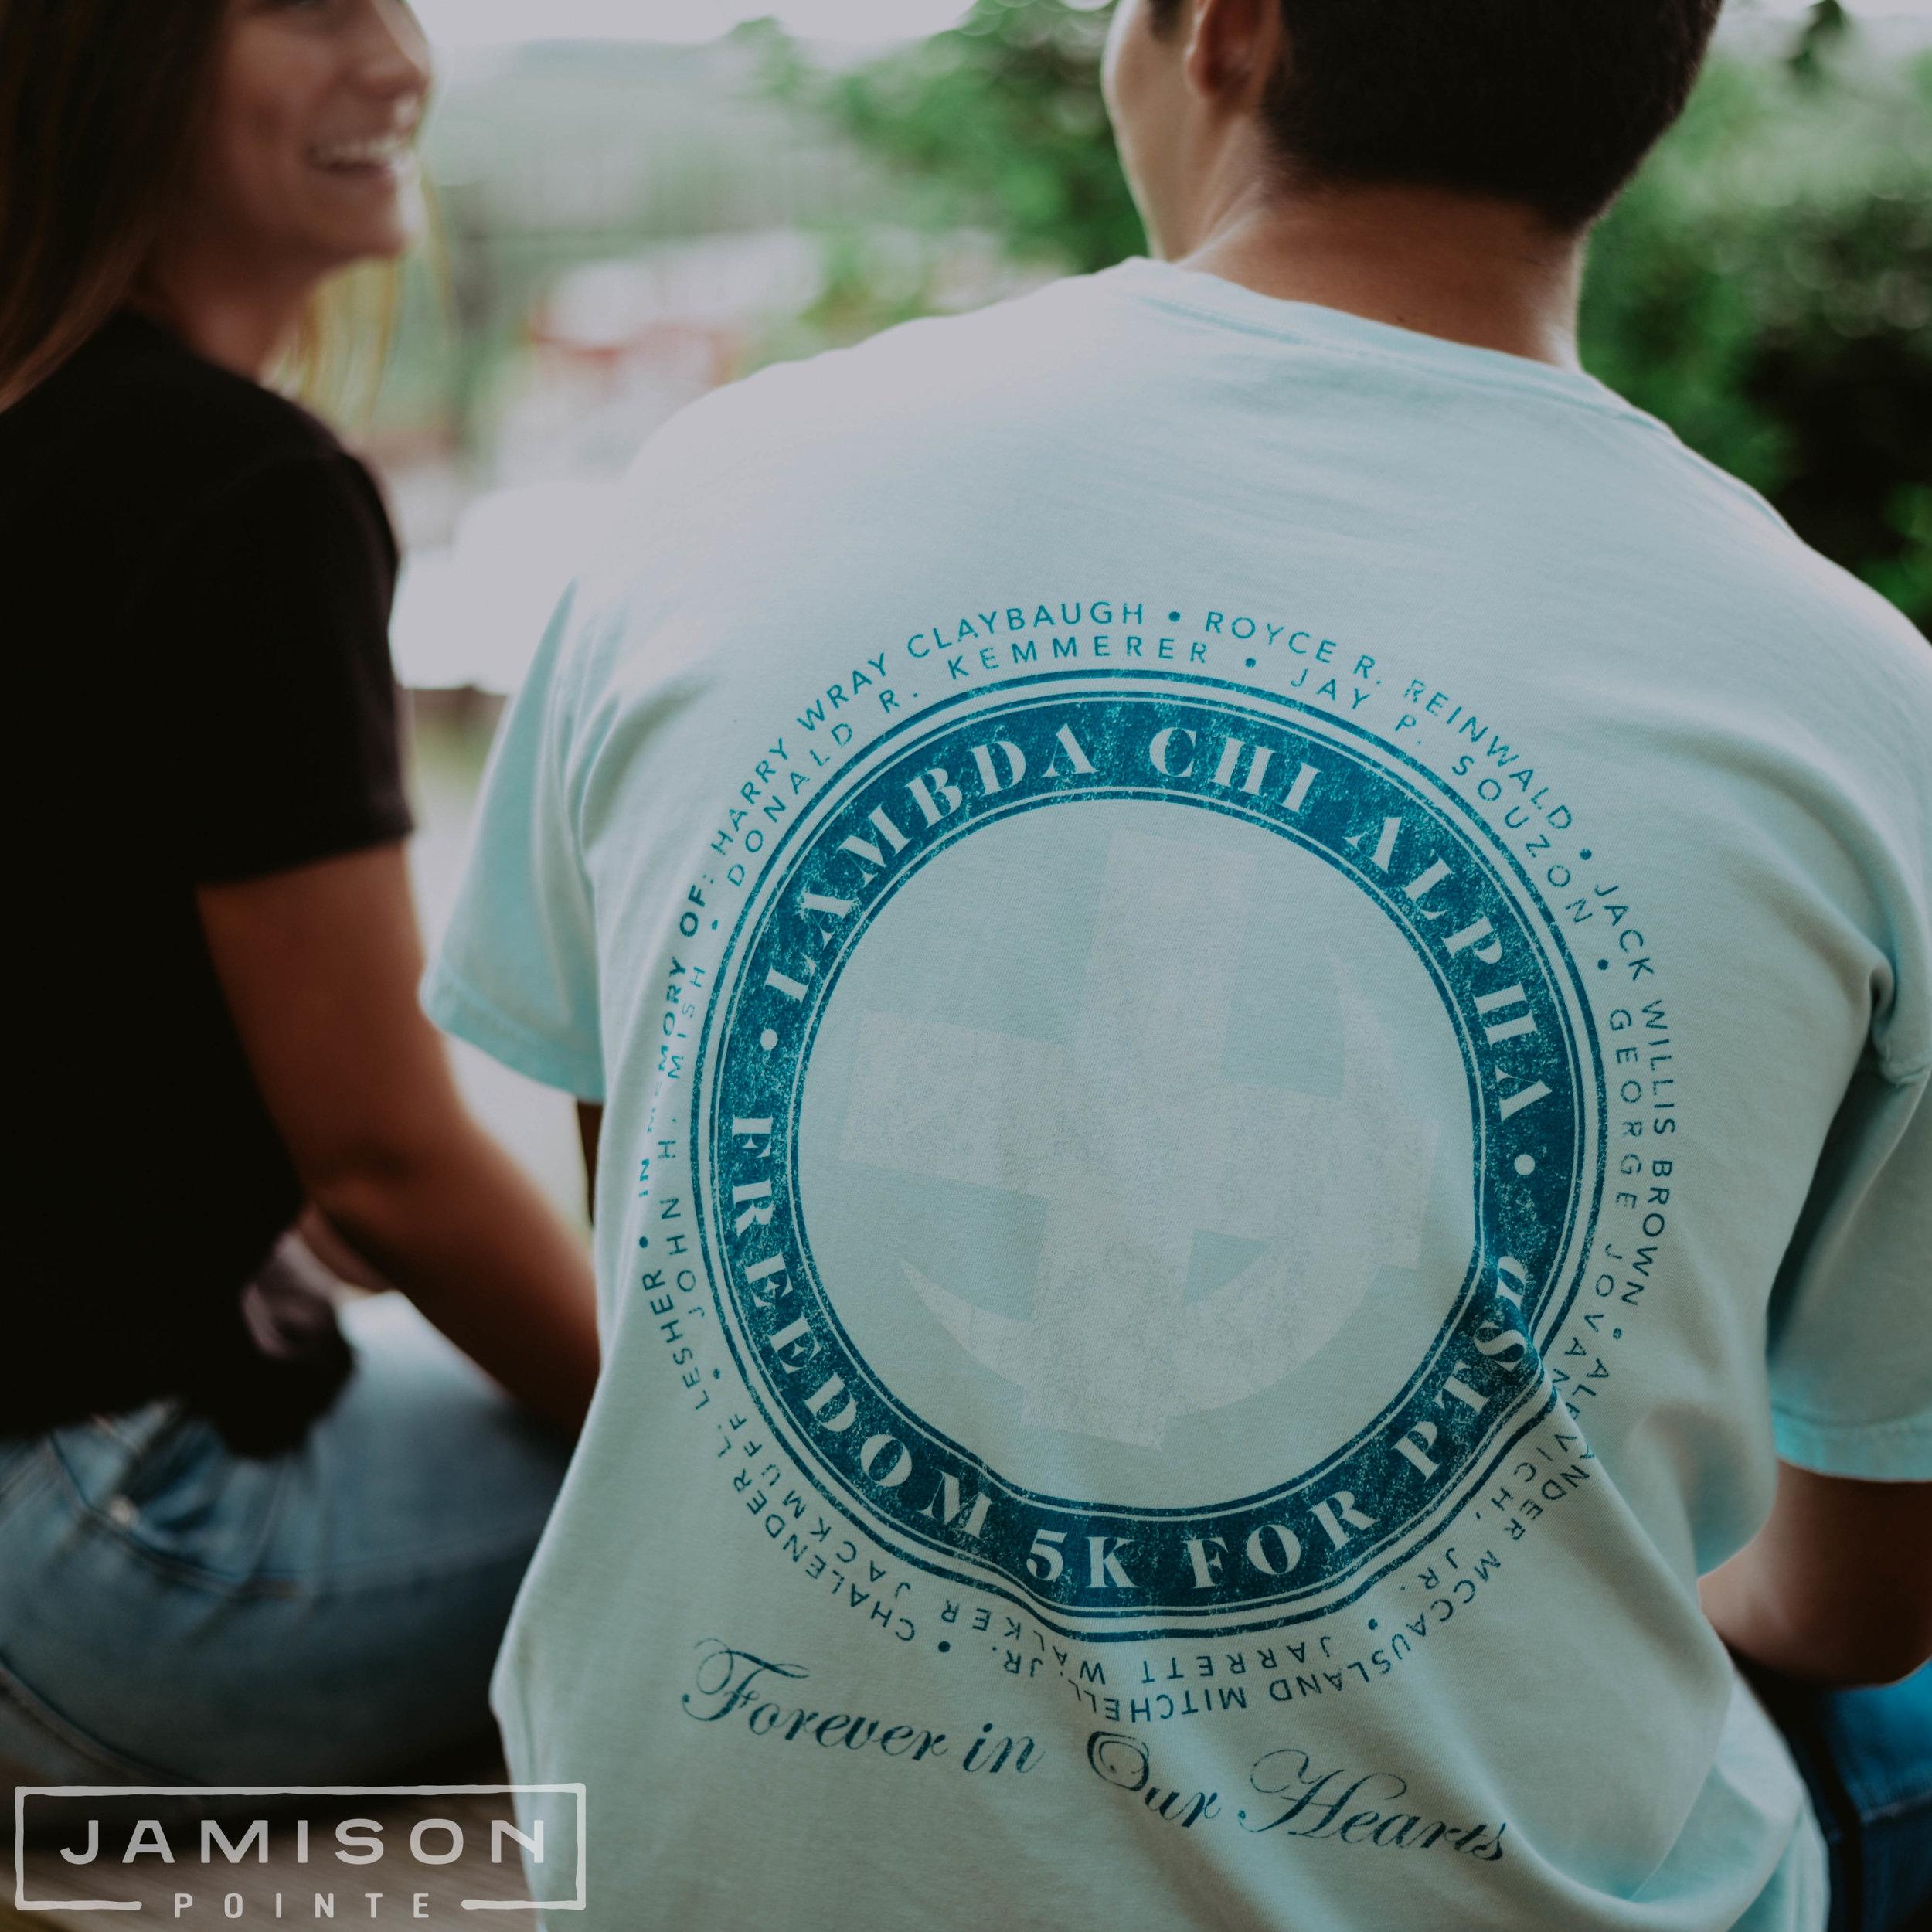 Lambda Chi Philanthropy T-shirt